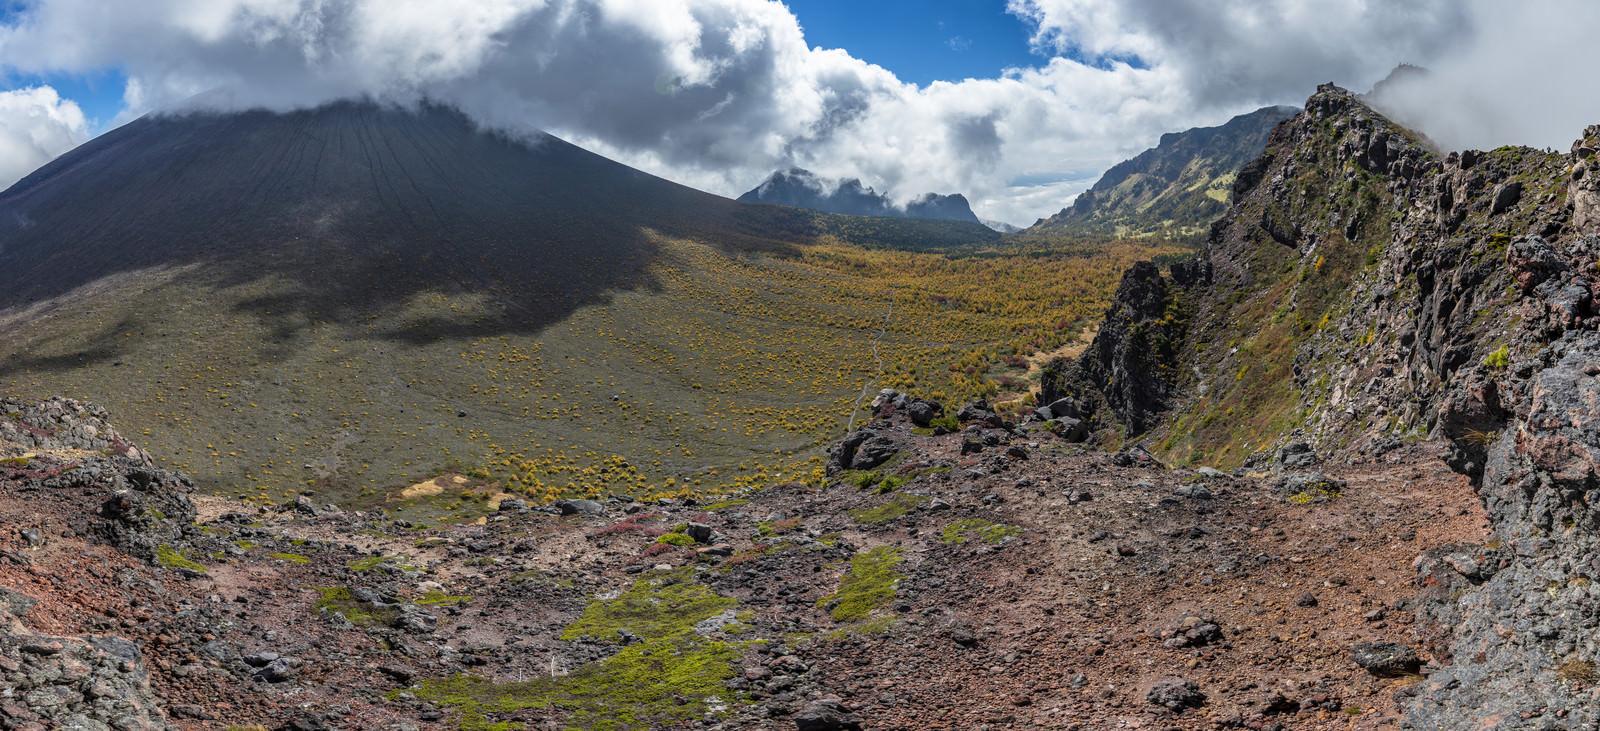 浅間山賽の河原のパノラマの写真を無料ダウンロード(フリー素材) - ぱくたそ